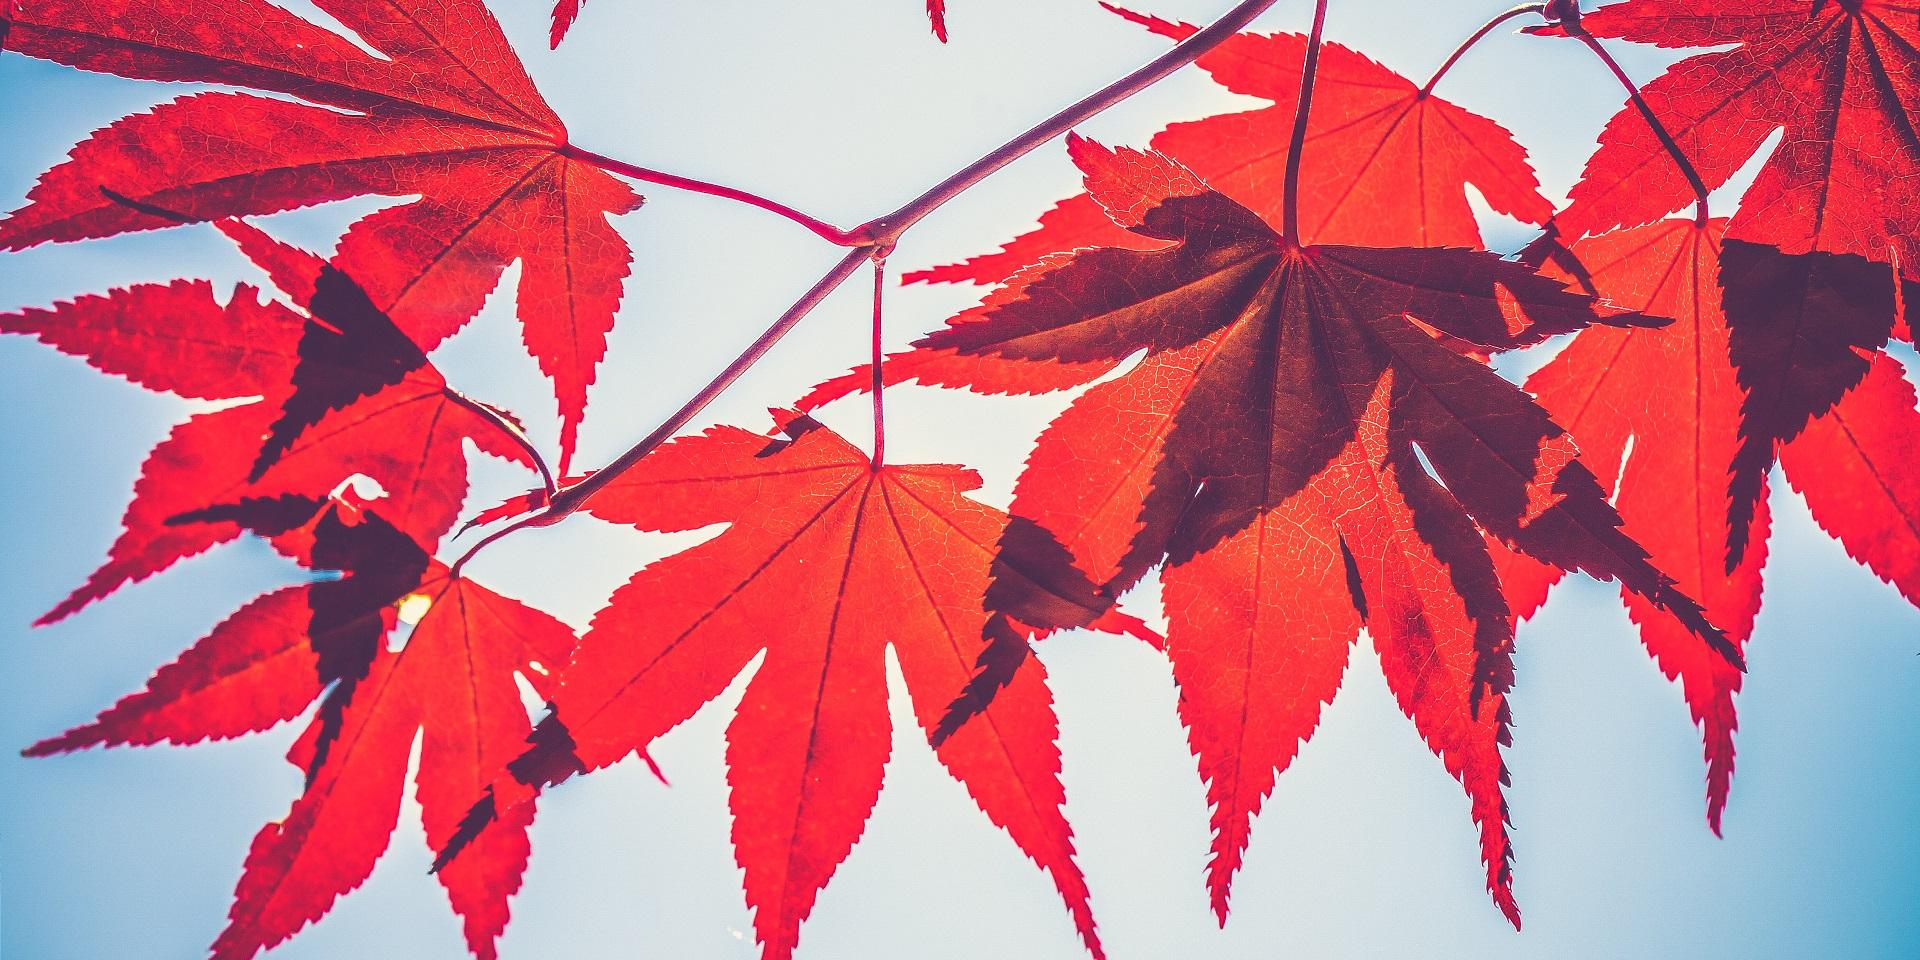 Cành lá chuyển đỏ khi thu sang